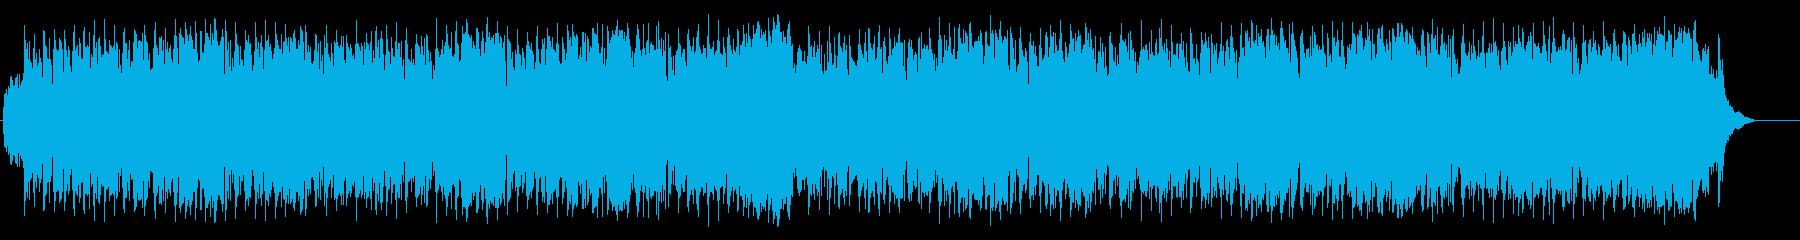 優しいアコースティック(フルサイズ)の再生済みの波形